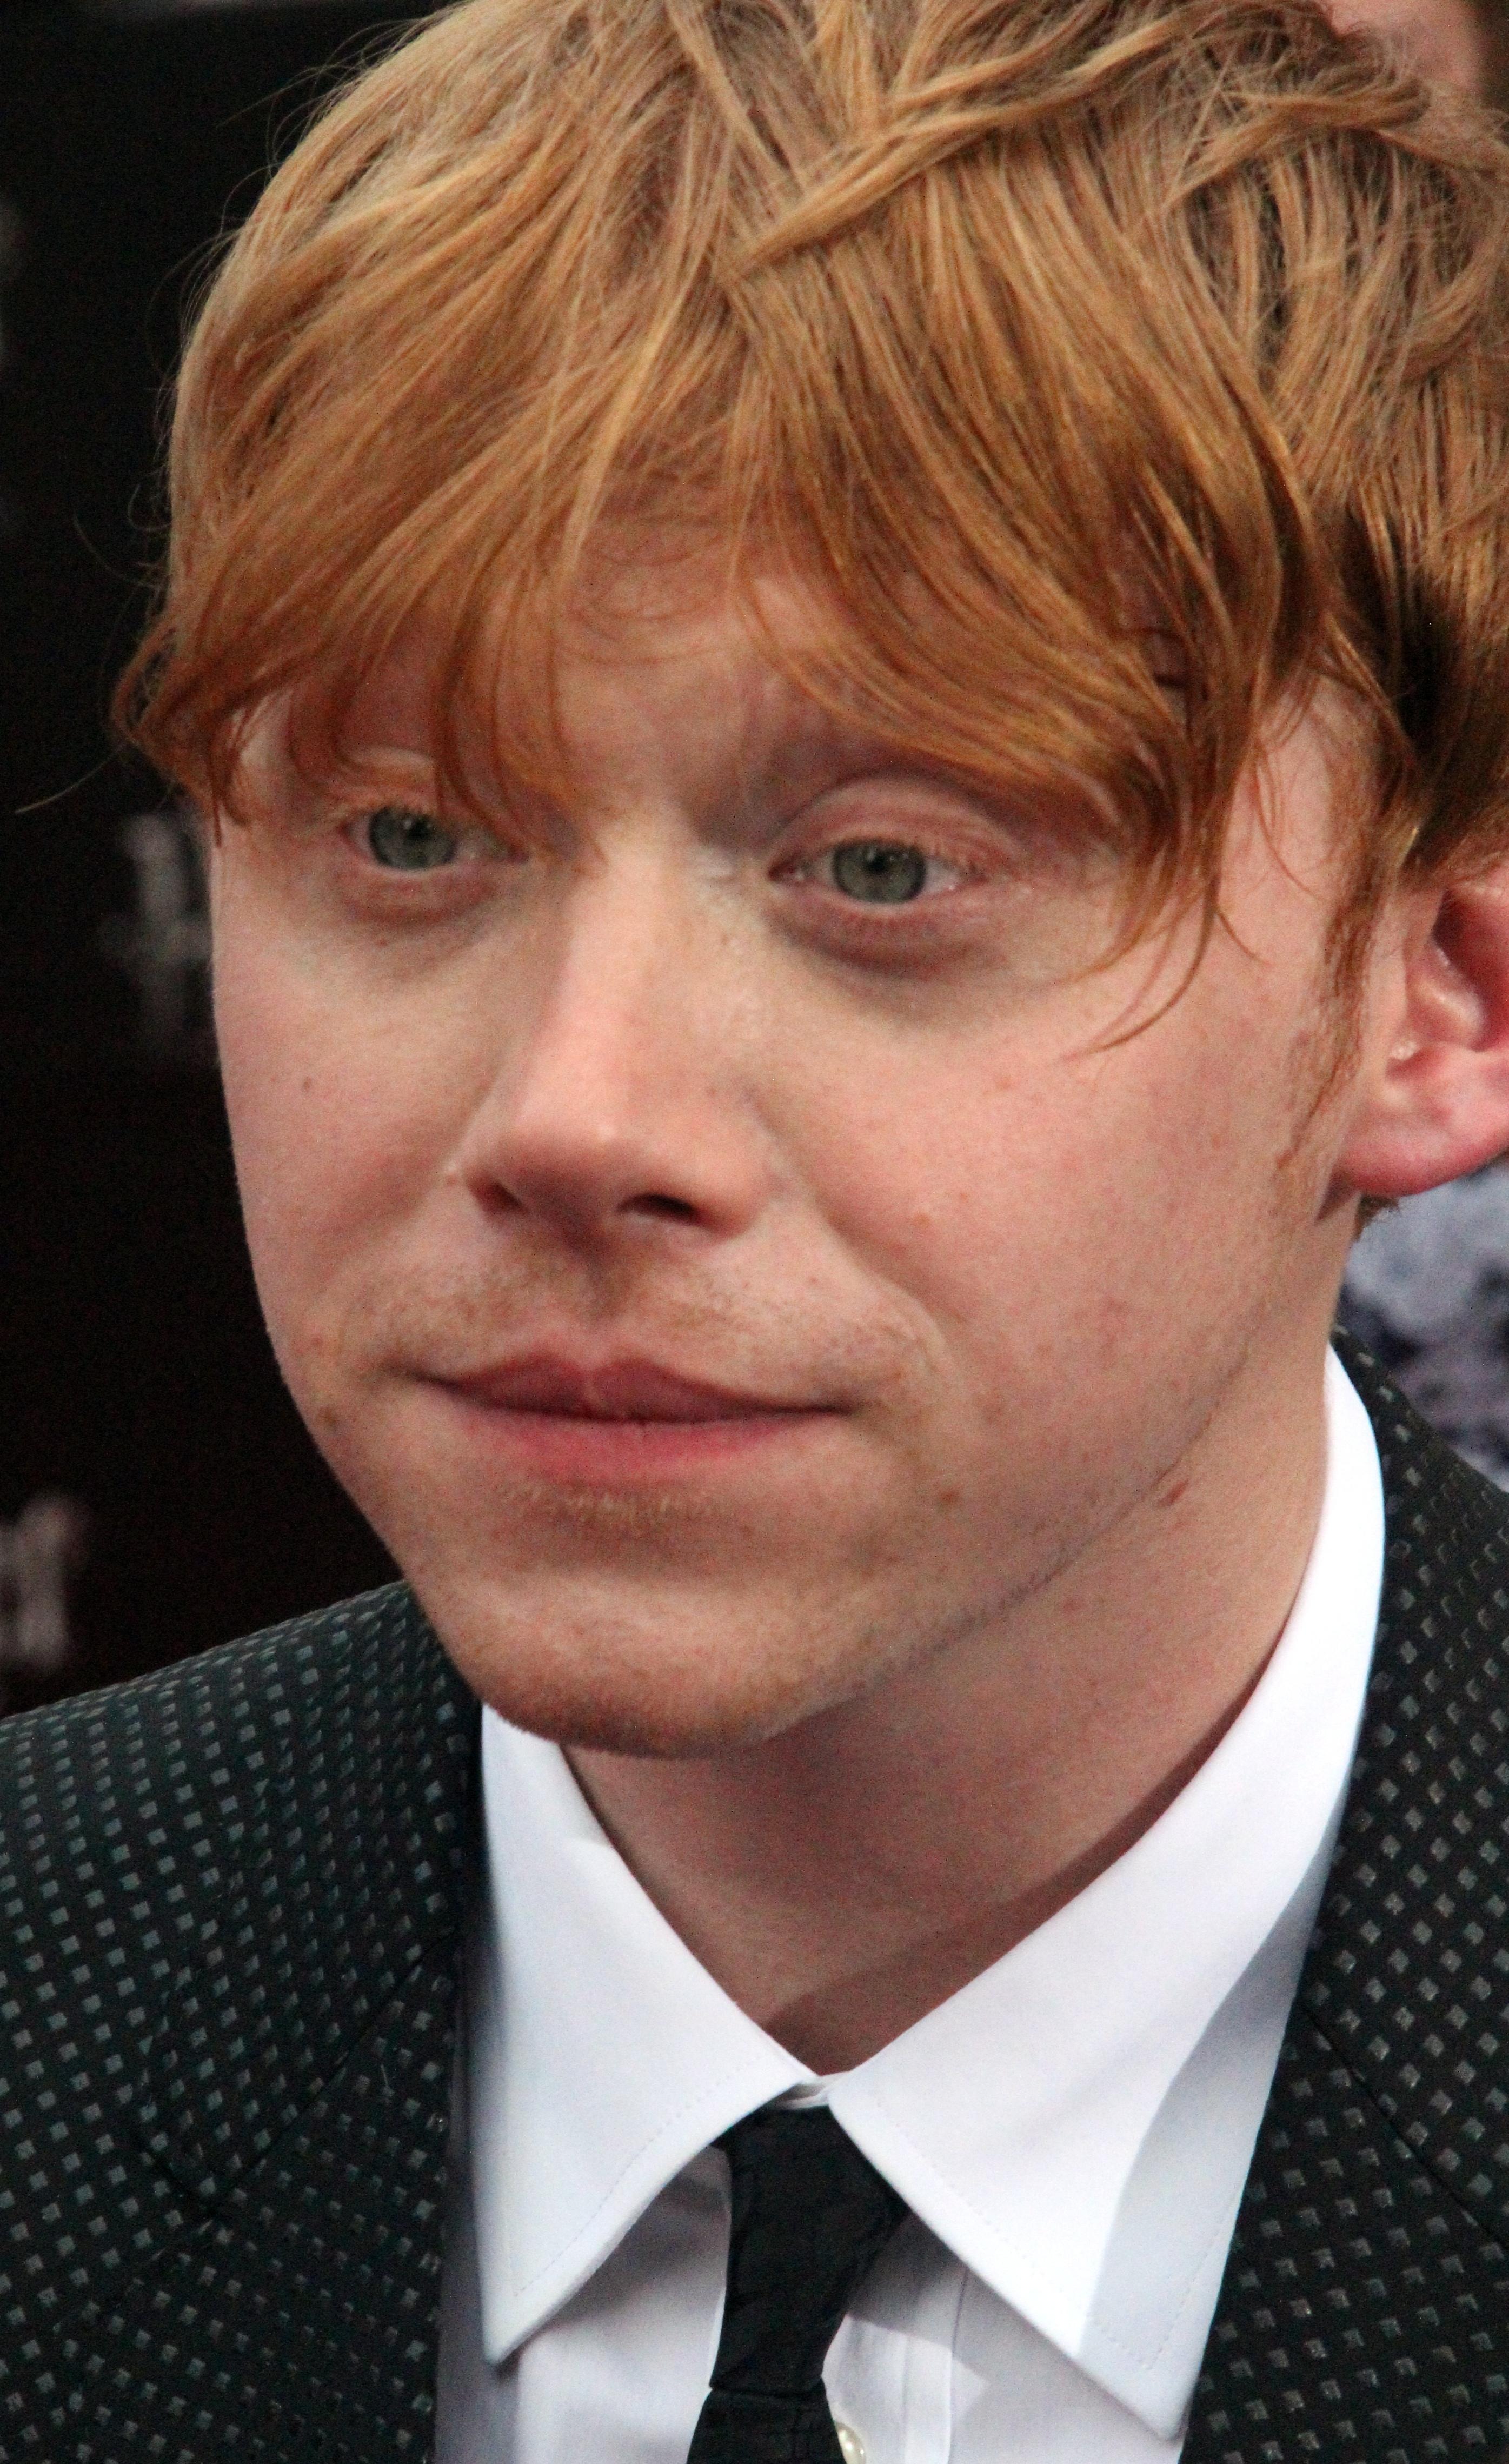 Rupert grint single